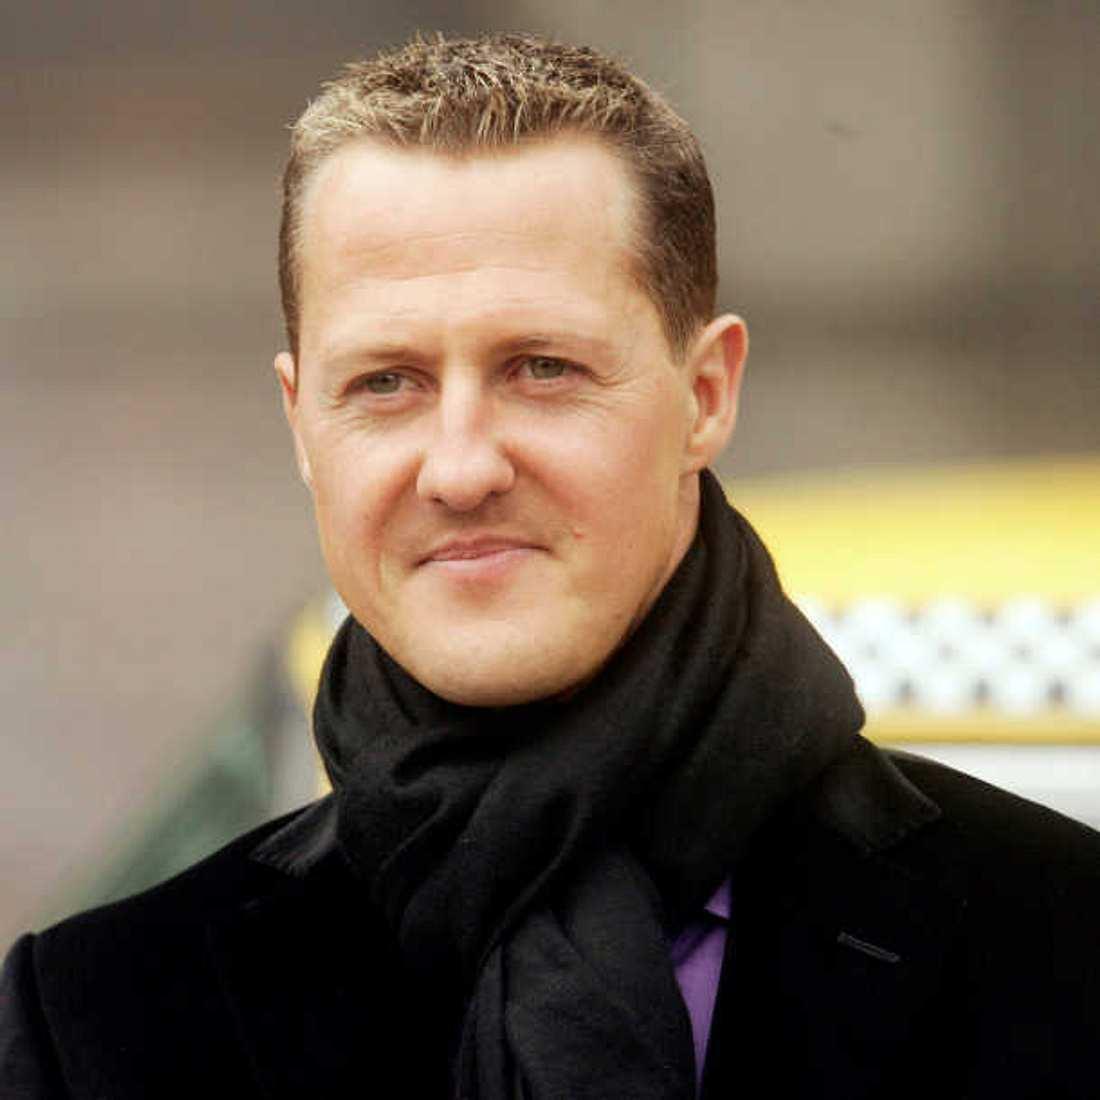 Michael Schumacher: Das sagt seine Managerin über seinen Gesundheitszustand!